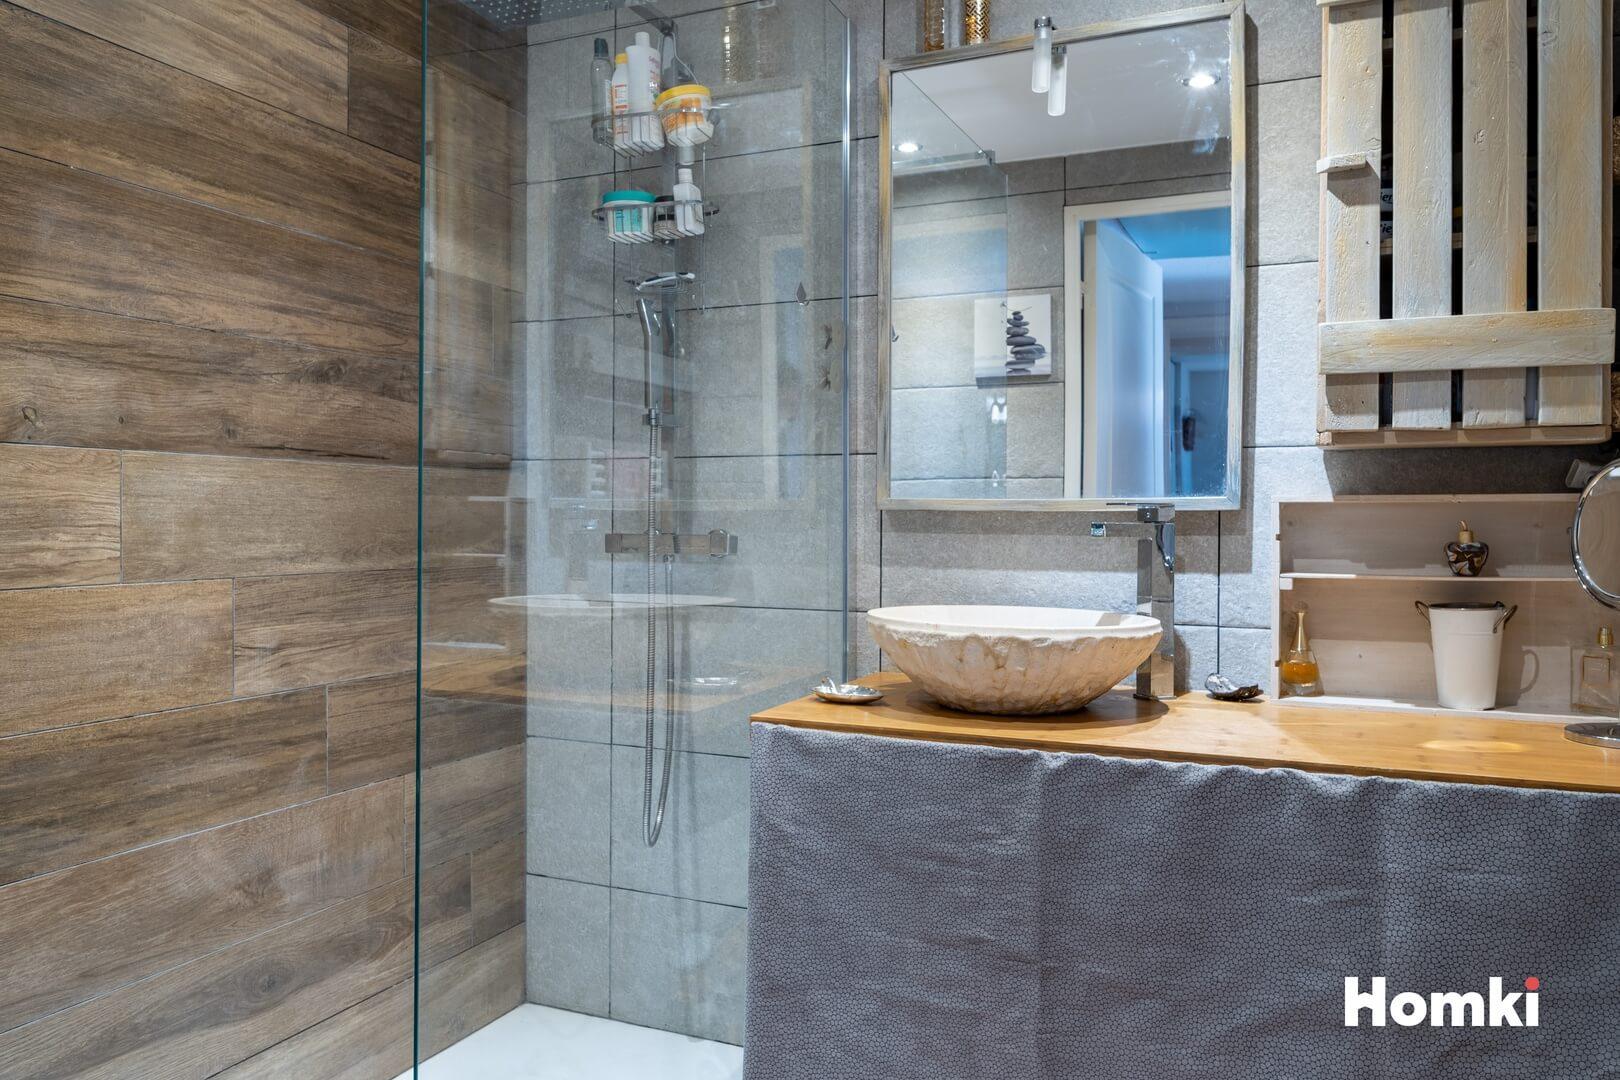 Homki - Vente Appartement  de 58.0 m² à Vallauris 06220